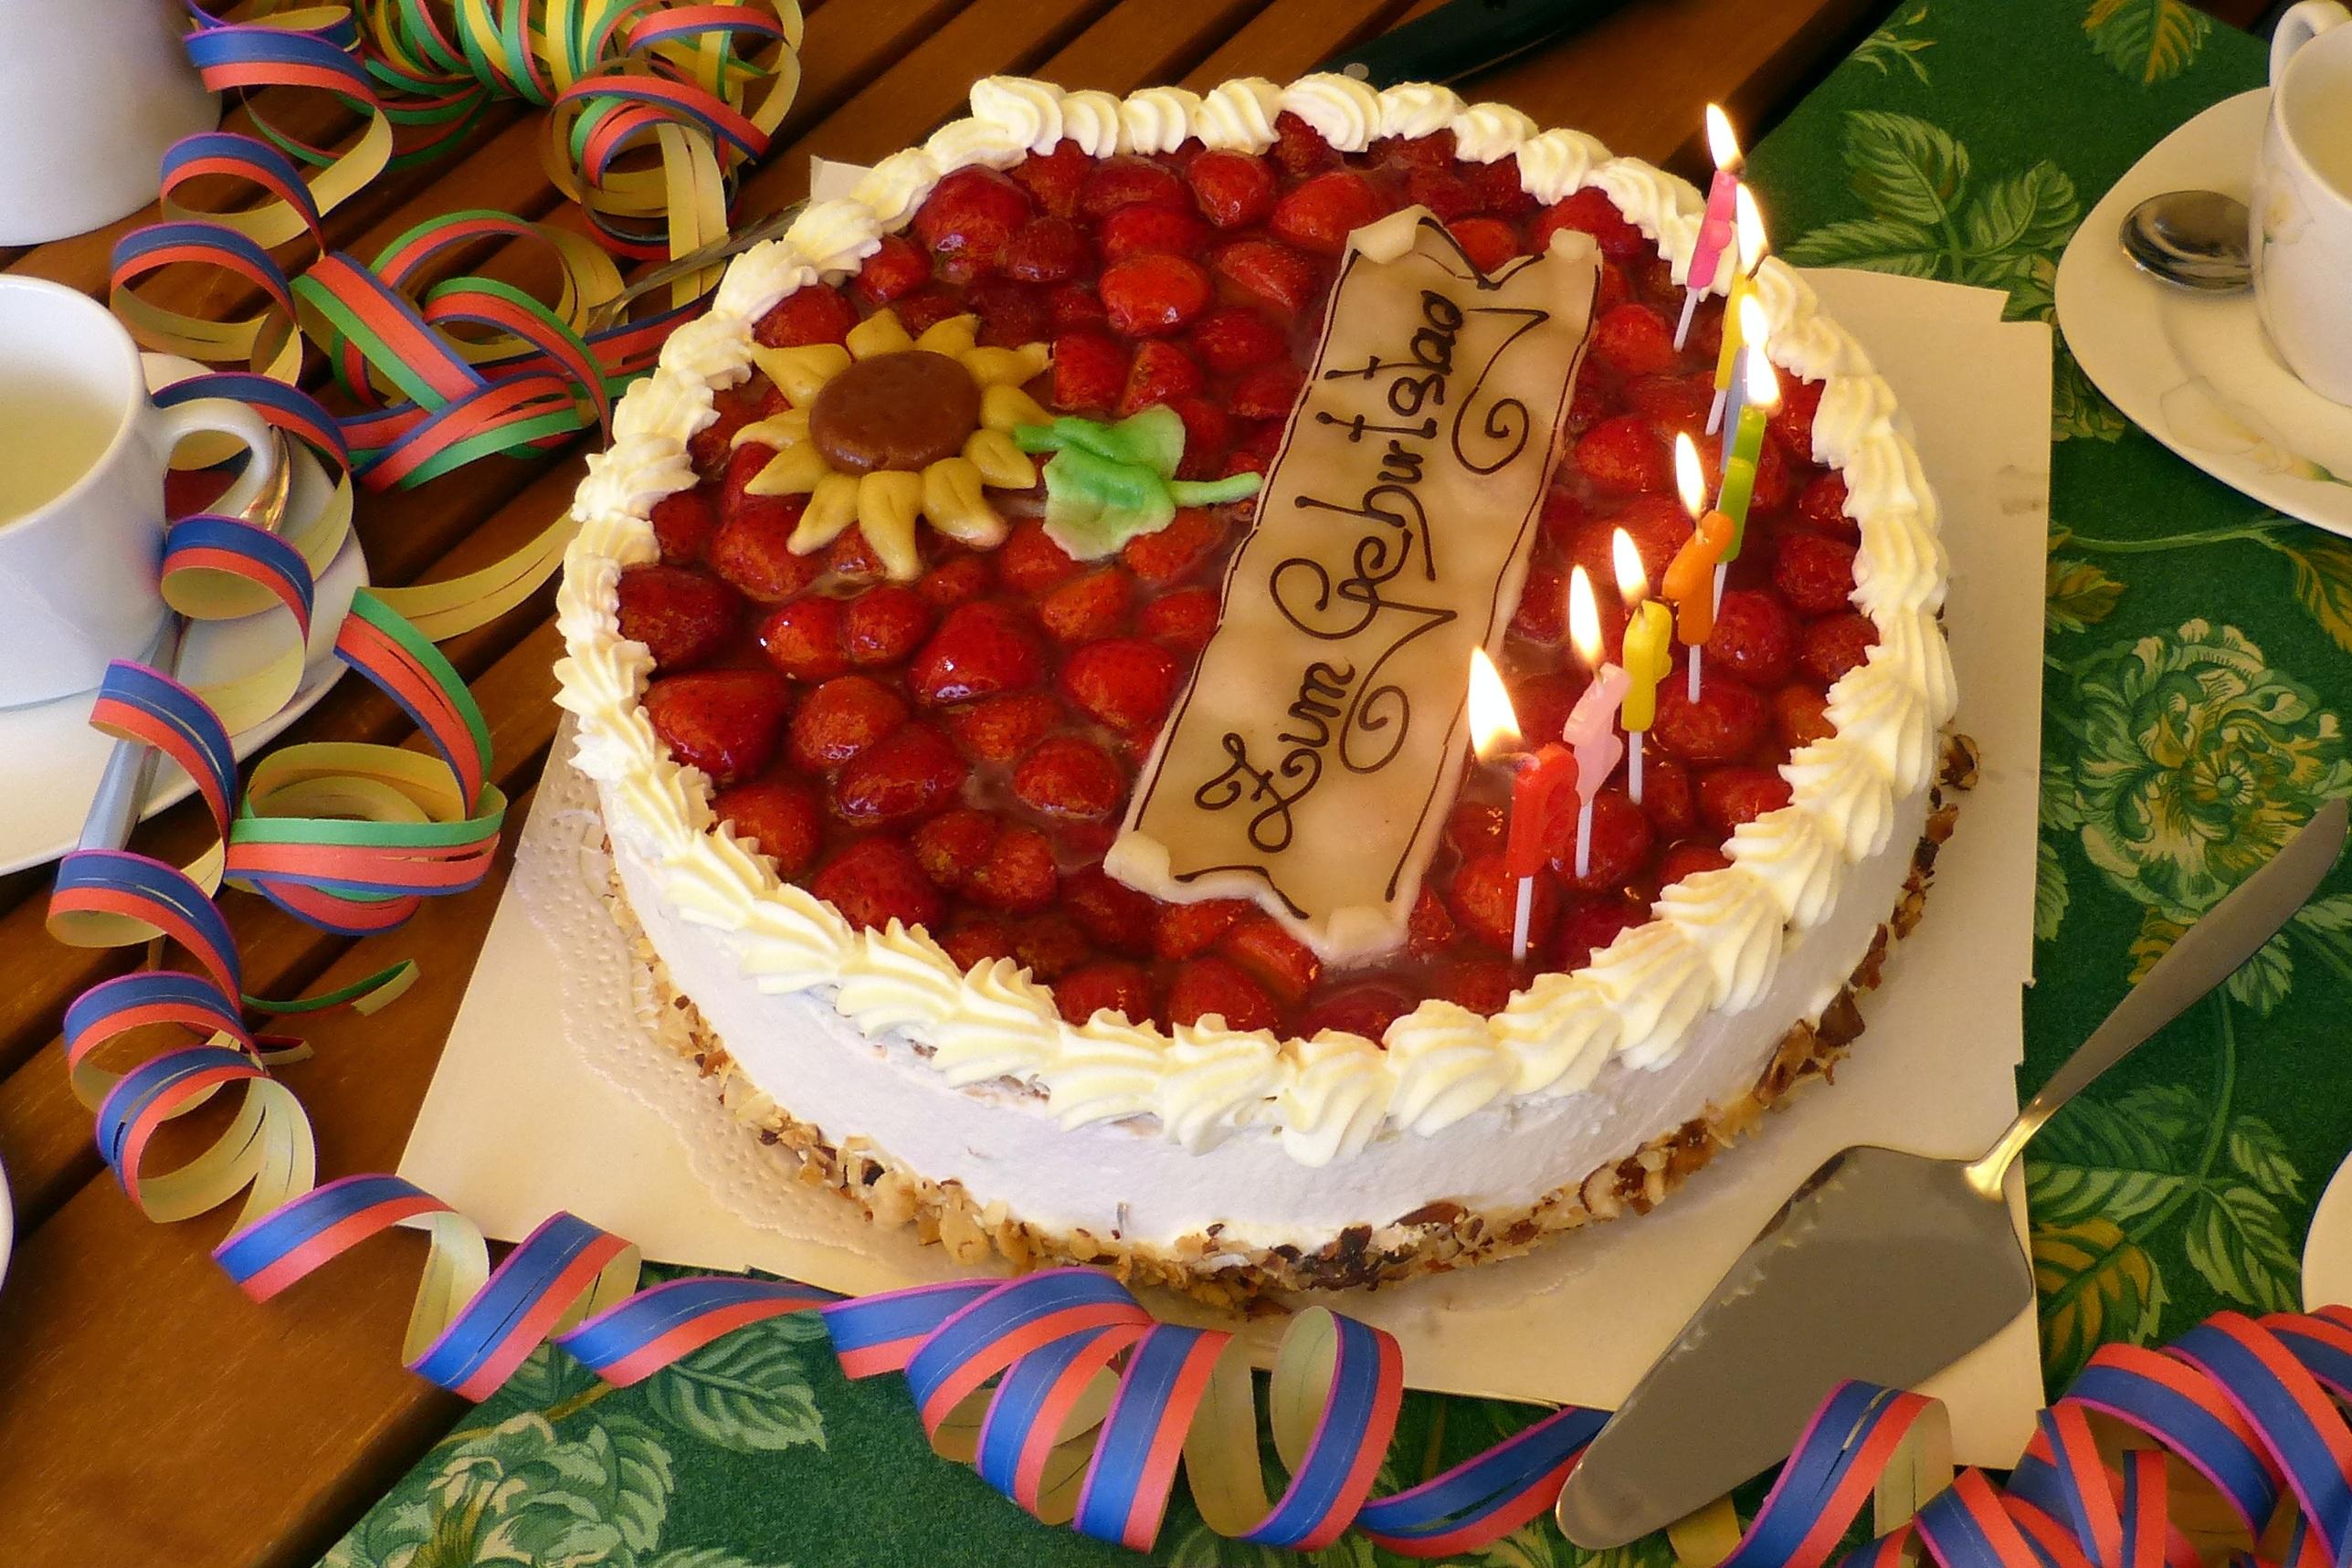 Fotos Gratis Flor Celebracion Comida Postre